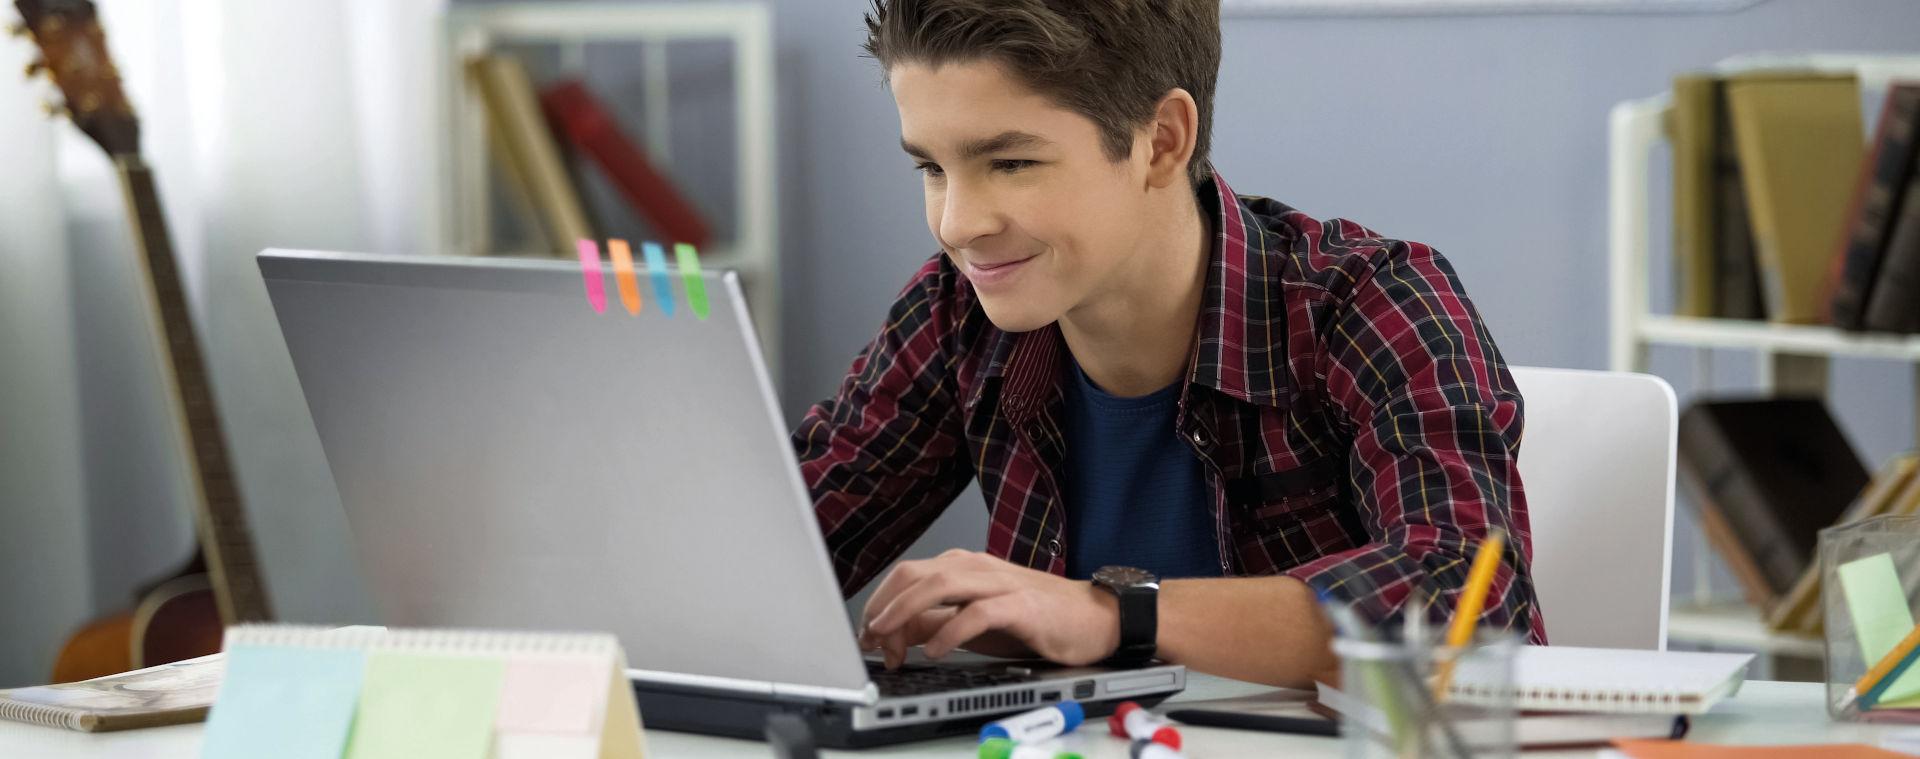 Schüler vor Laptop bei Hausaufgaben Foto: motortion - Adobe Stock